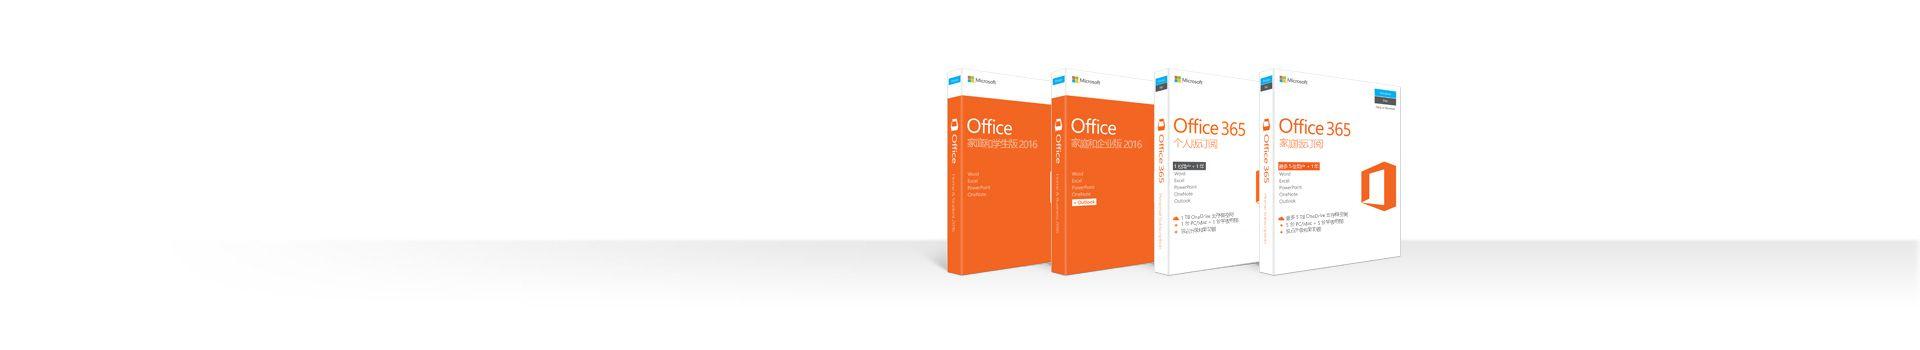 一排盒状的 Mac 版 Office 2016 和 Office 365 产品